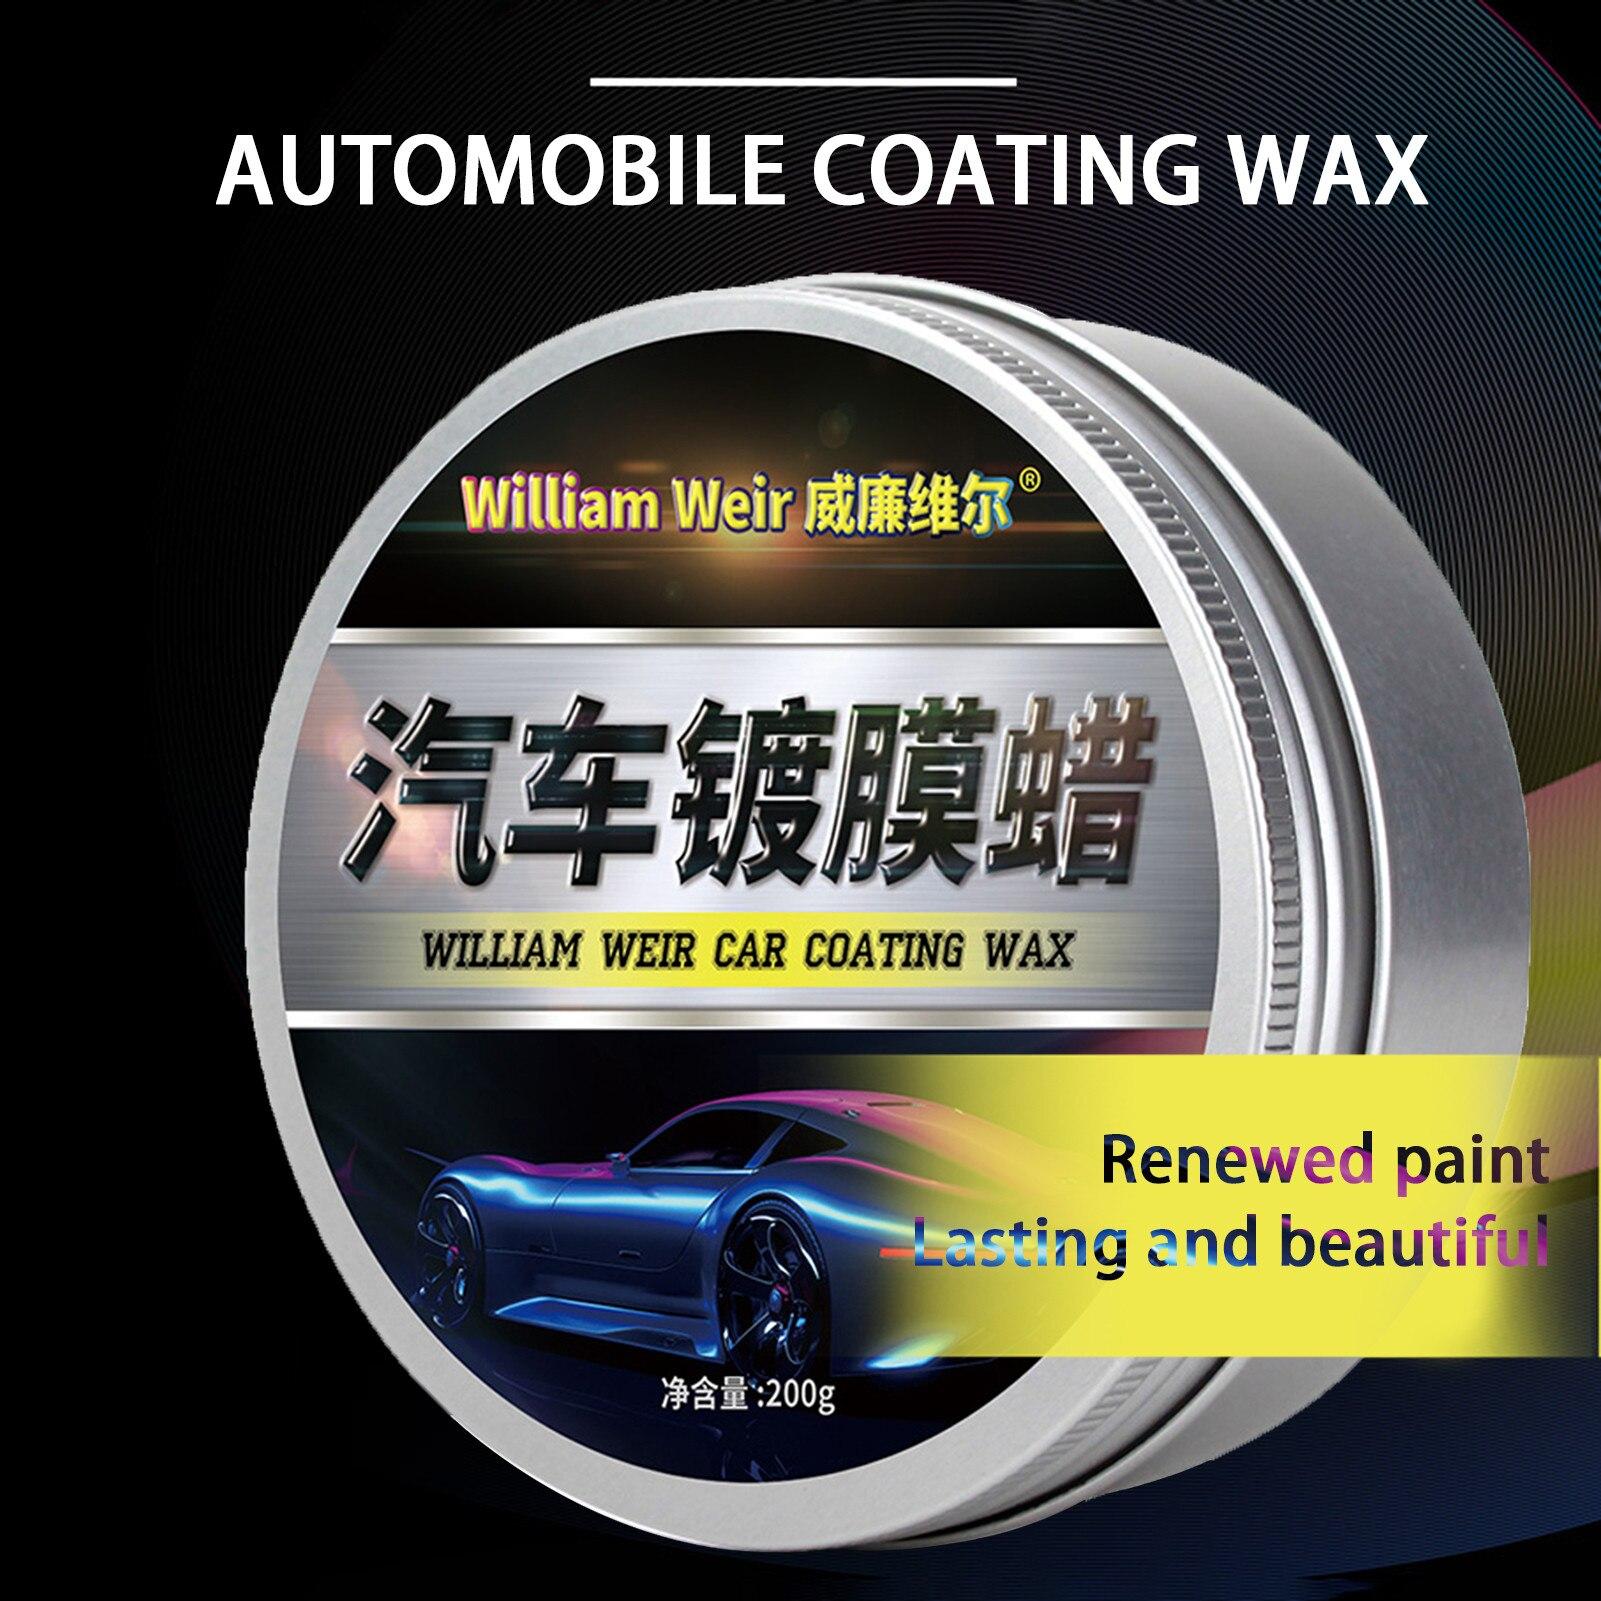 Восковой Воск Для Полировки Автомобиля, водонепроницаемый твердый автомобильный воск для защиты от загрязнений, для поддержания красоты